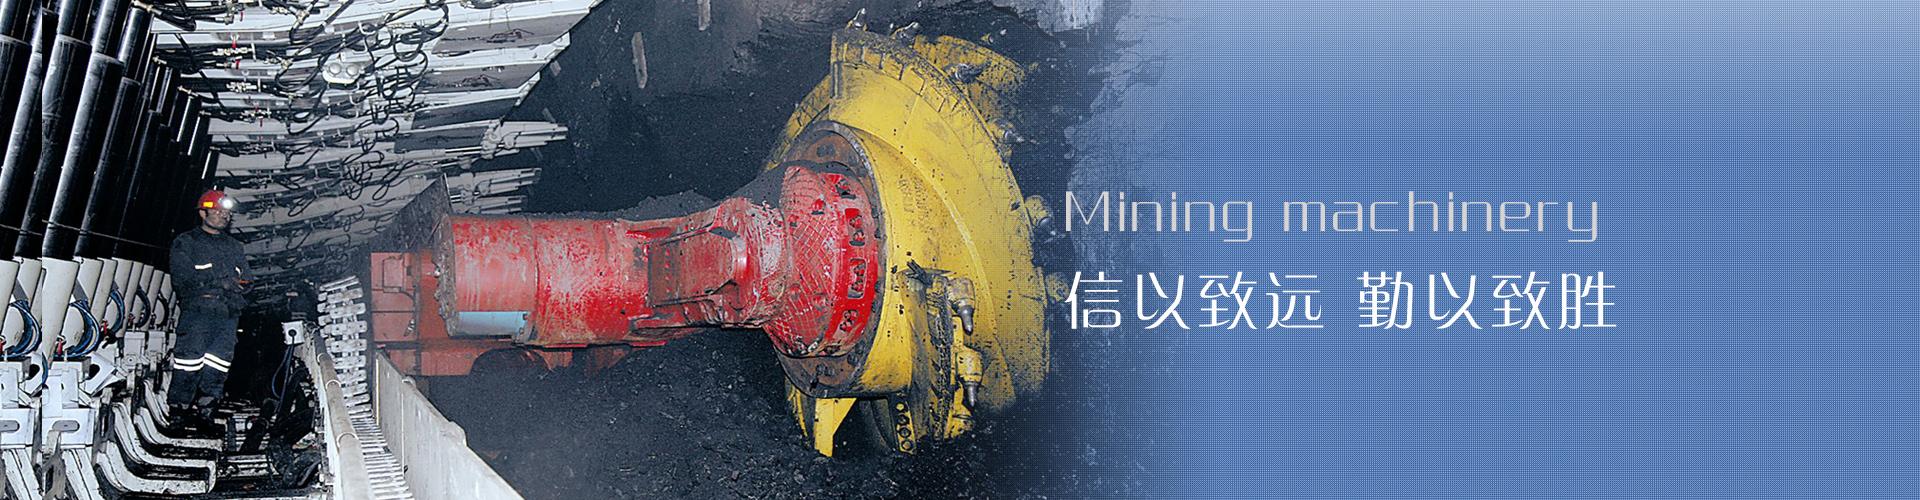 新乡市中煤煤矿机械有限公司